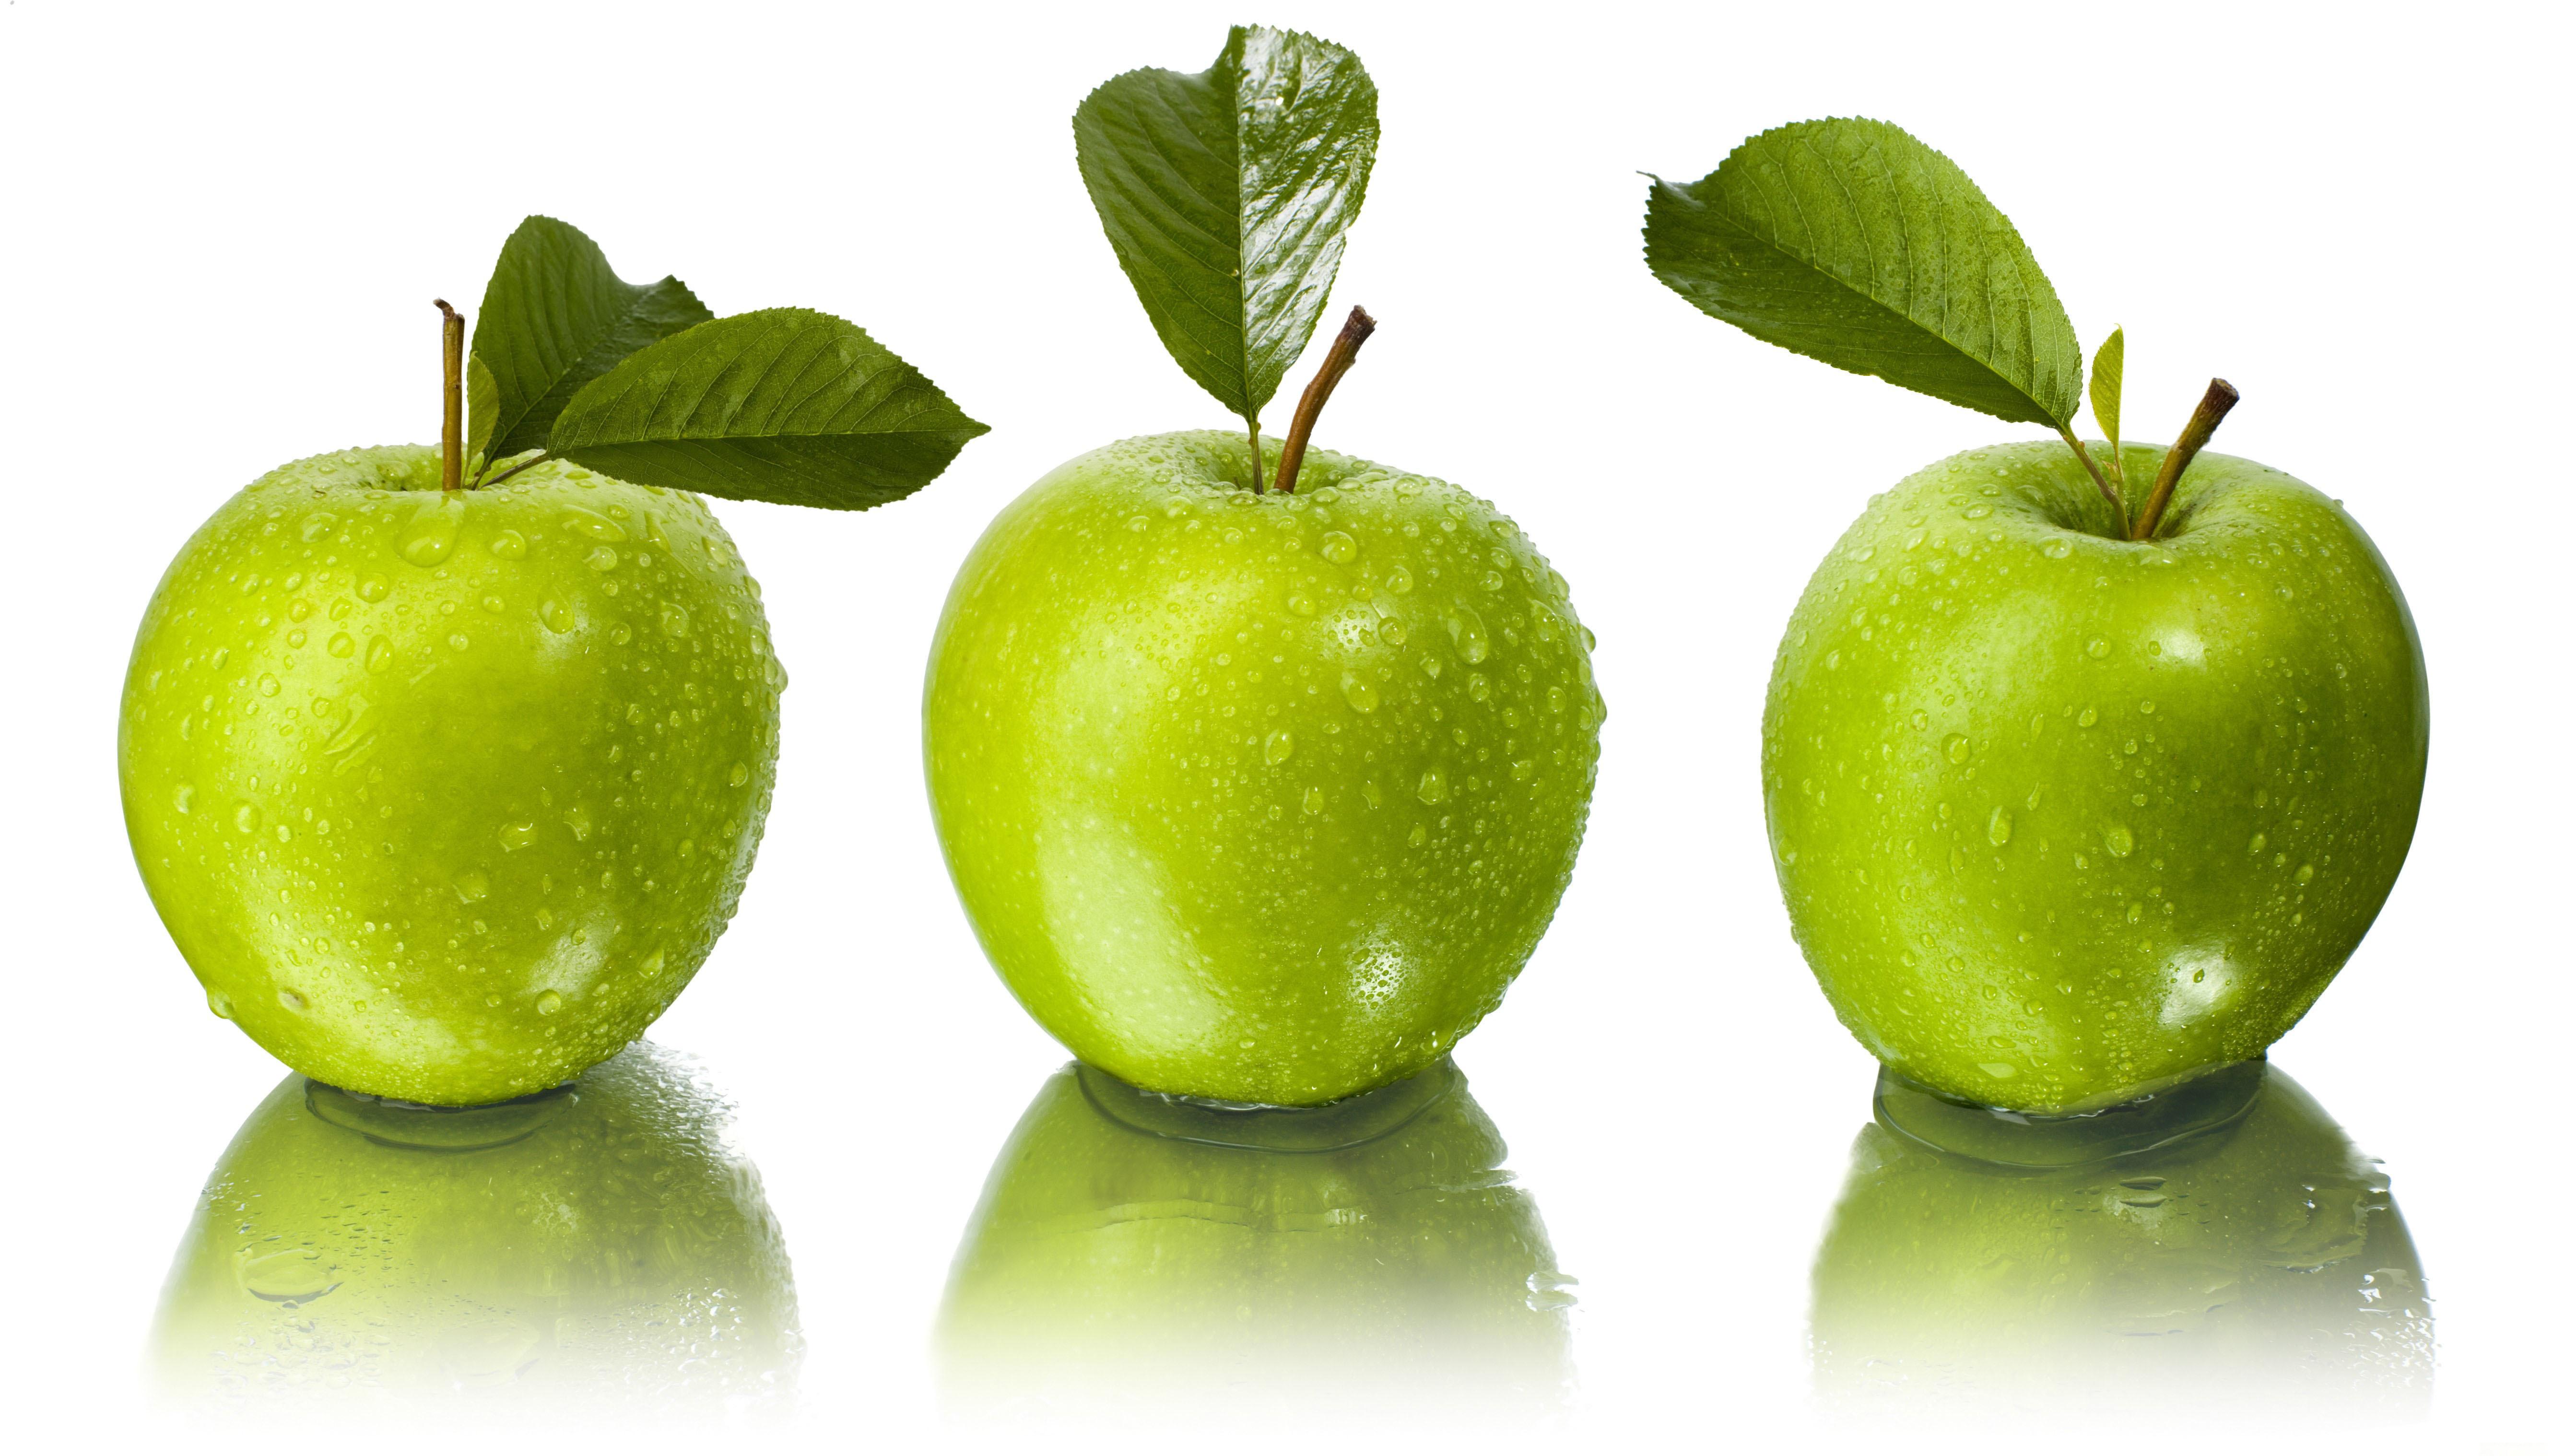 Яблоко от яблоки рассказ 11 фотография